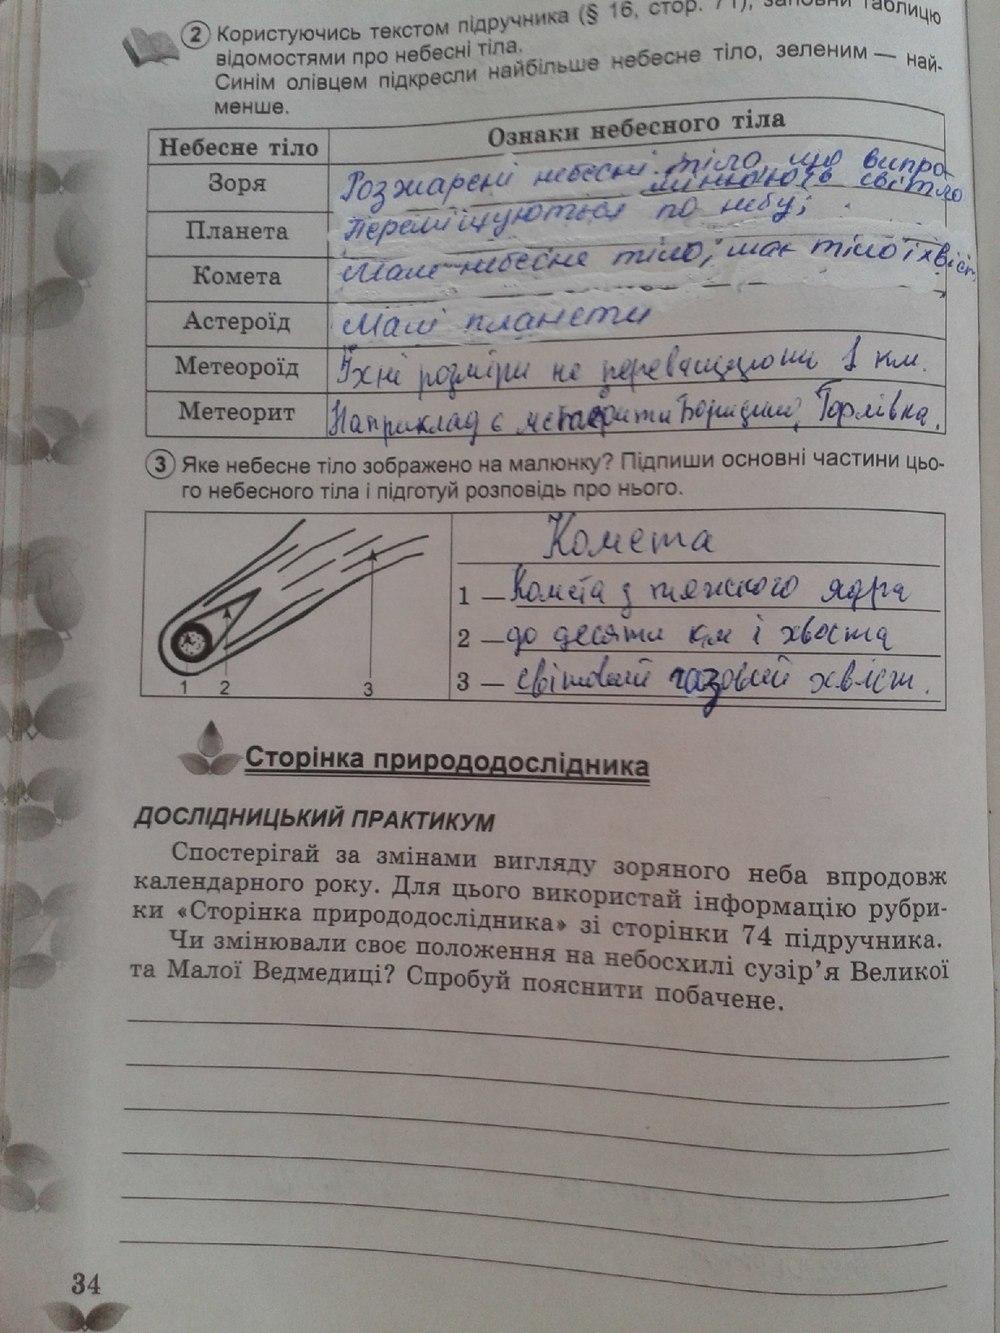 ГДЗ відповіді робочий зошит по биологии 5 класс Коршевнюк Т.В., Ярошенко О.Г.. Задание: стр. 34